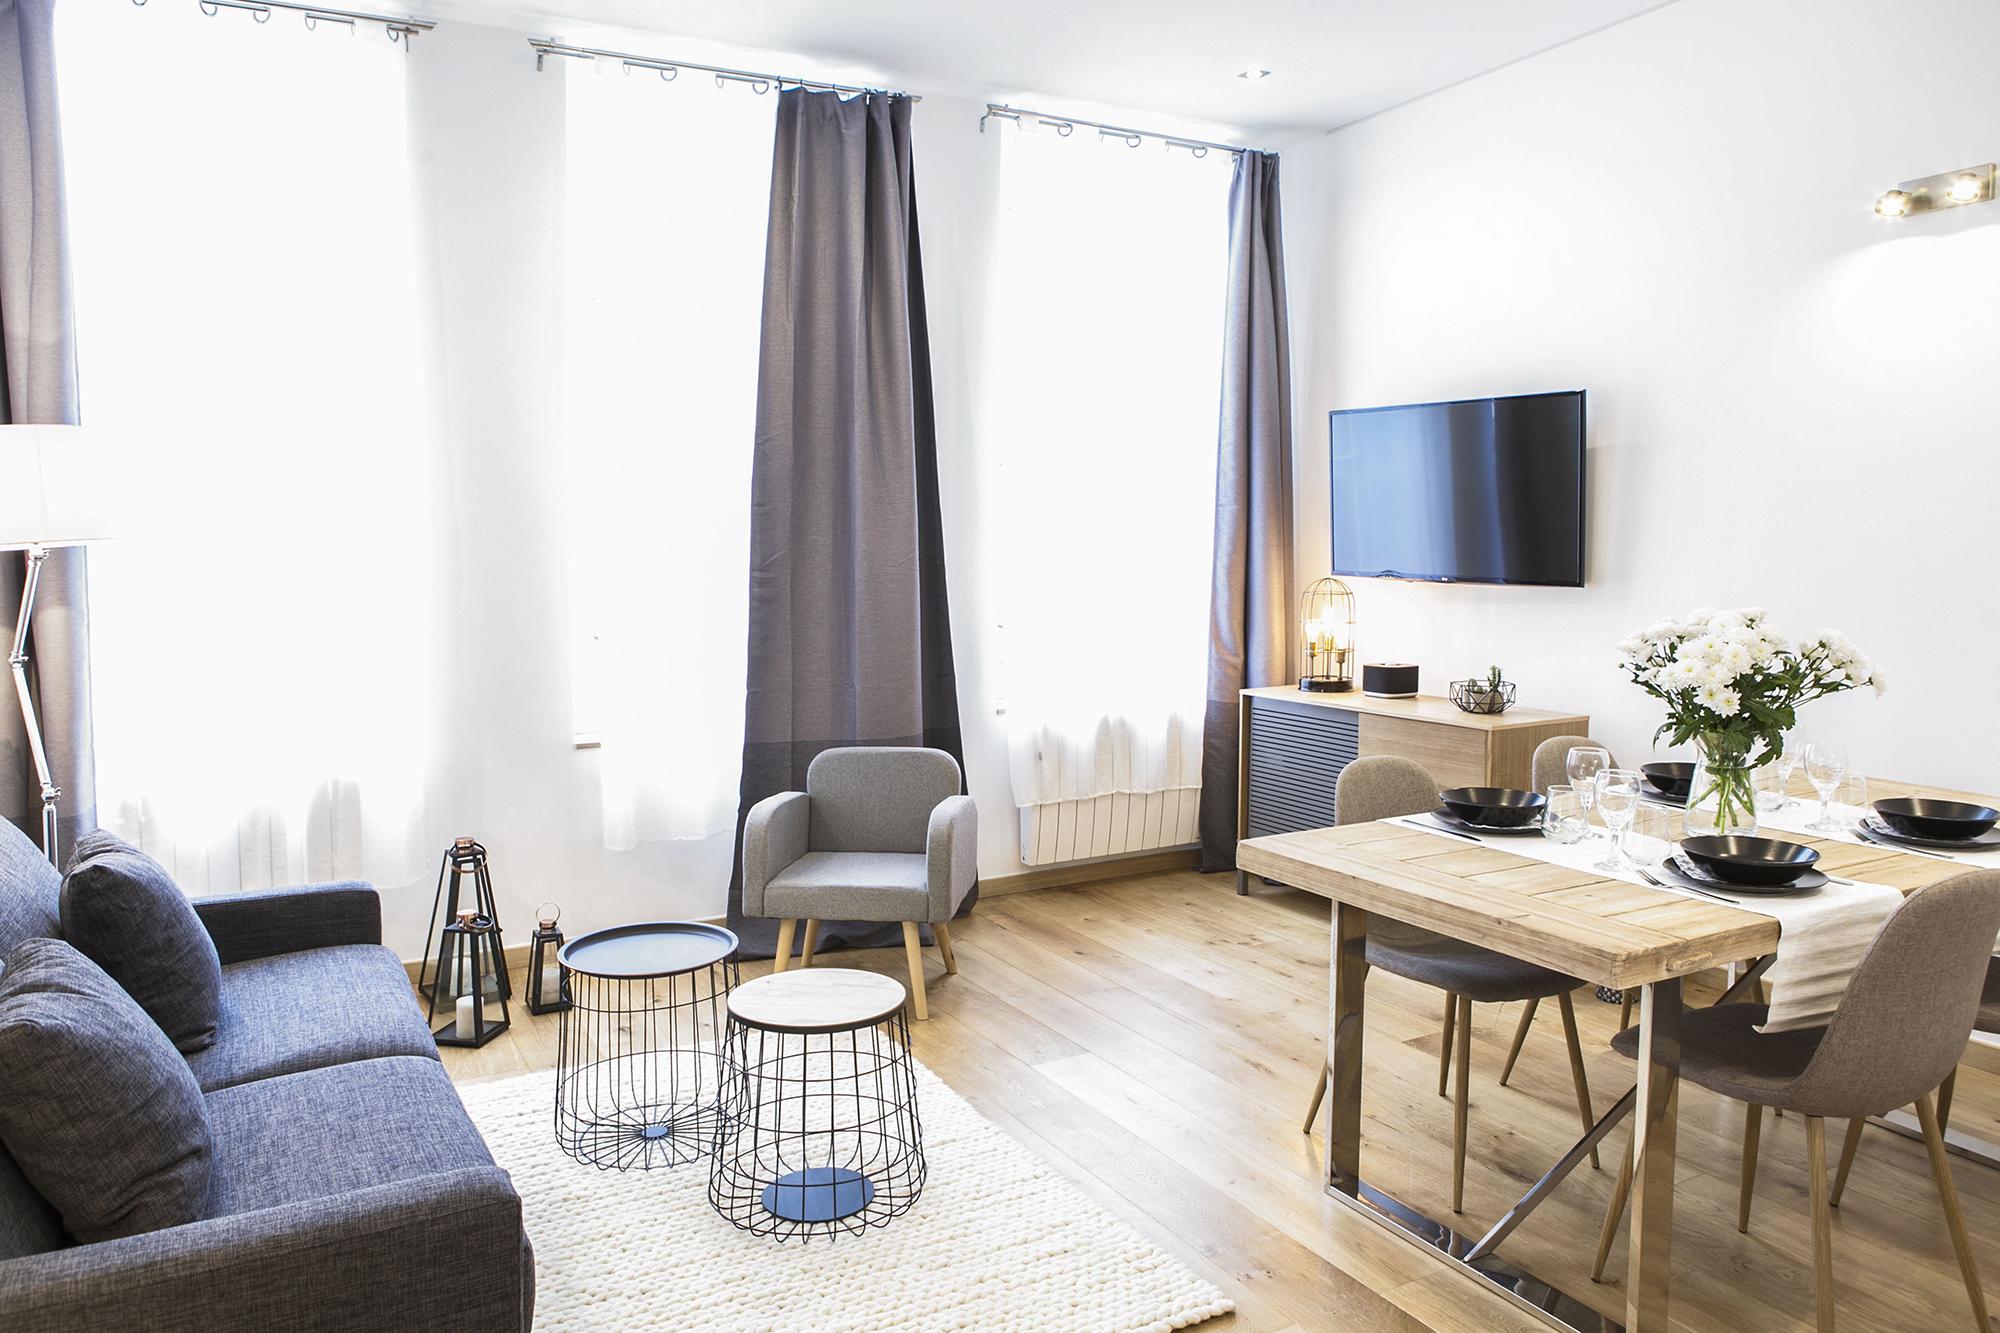 salon 1 flandres appart h tel lille. Black Bedroom Furniture Sets. Home Design Ideas